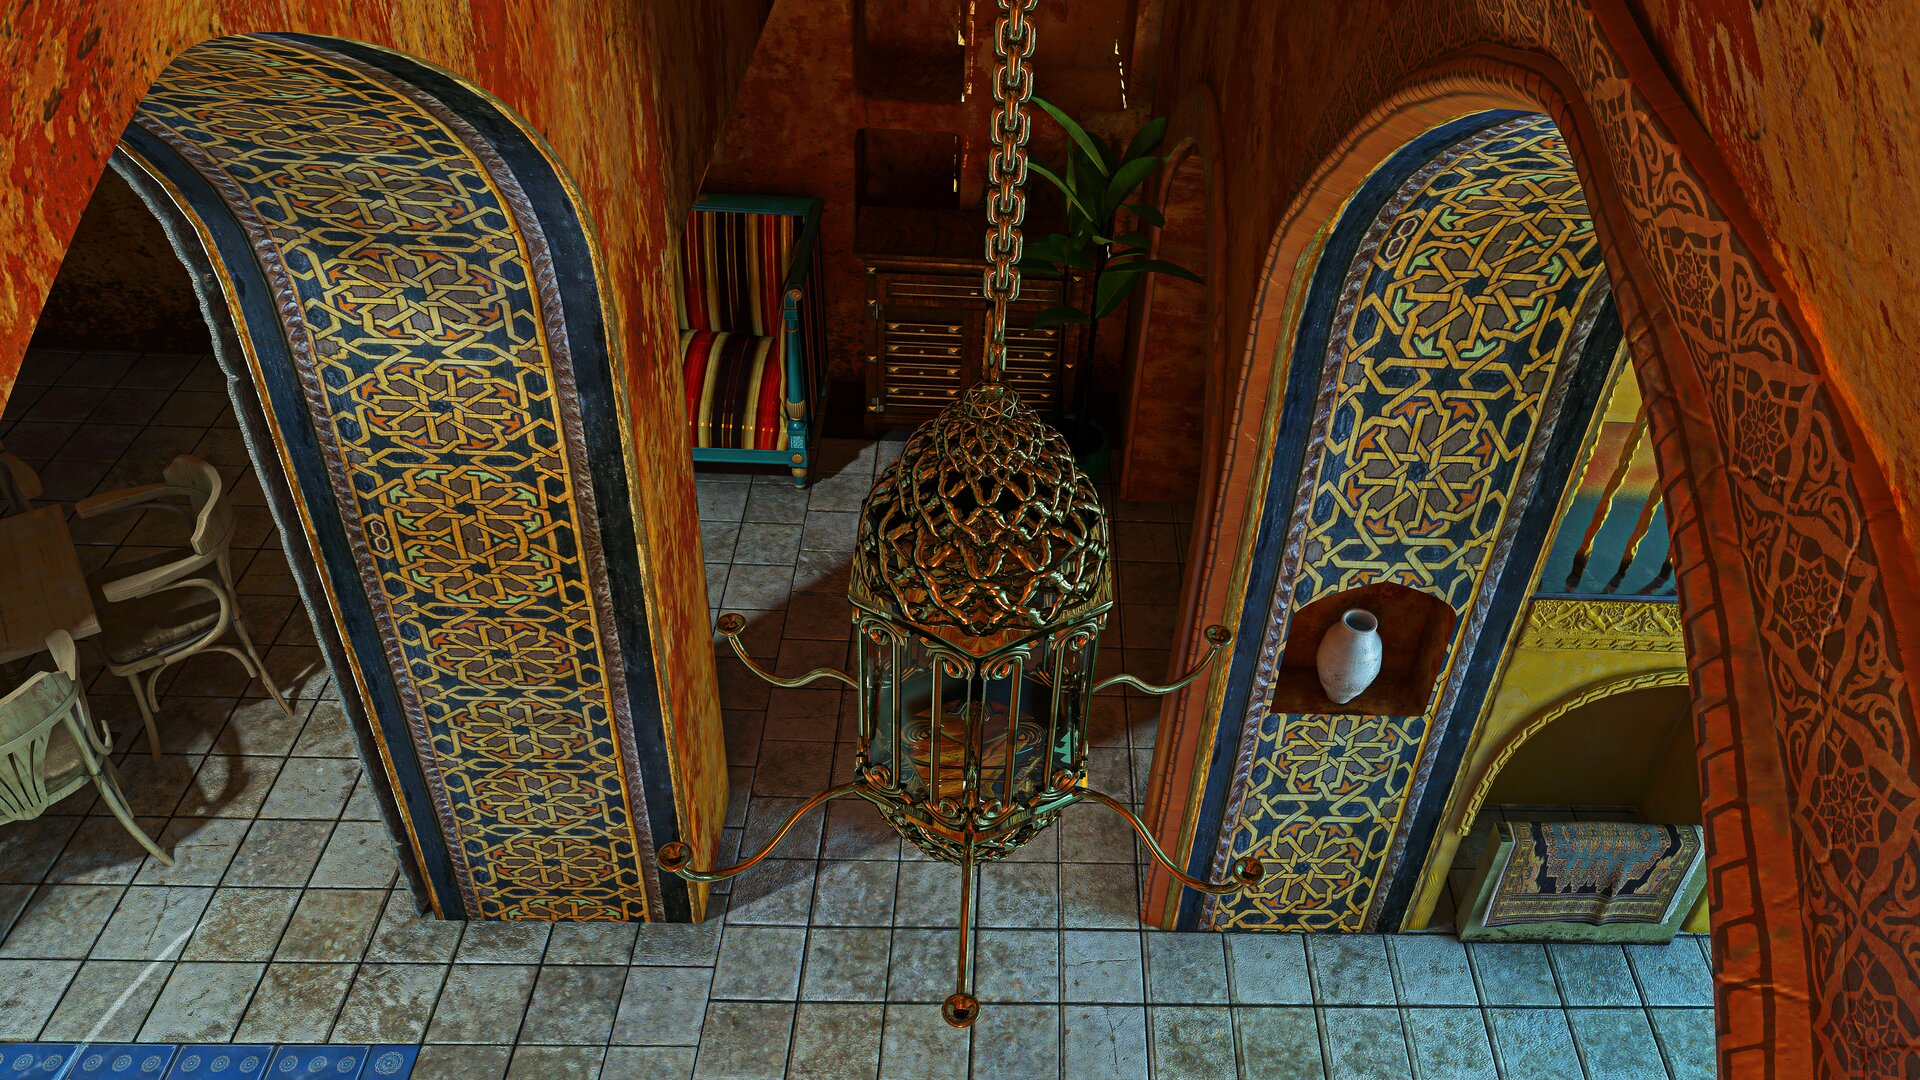 Ilustracja przedstawia wewnętrzną architekturę arabską. Ukazuje ona bogato zdobione portale. Na pierwszym planie znajduje się wiszący żyrandol.